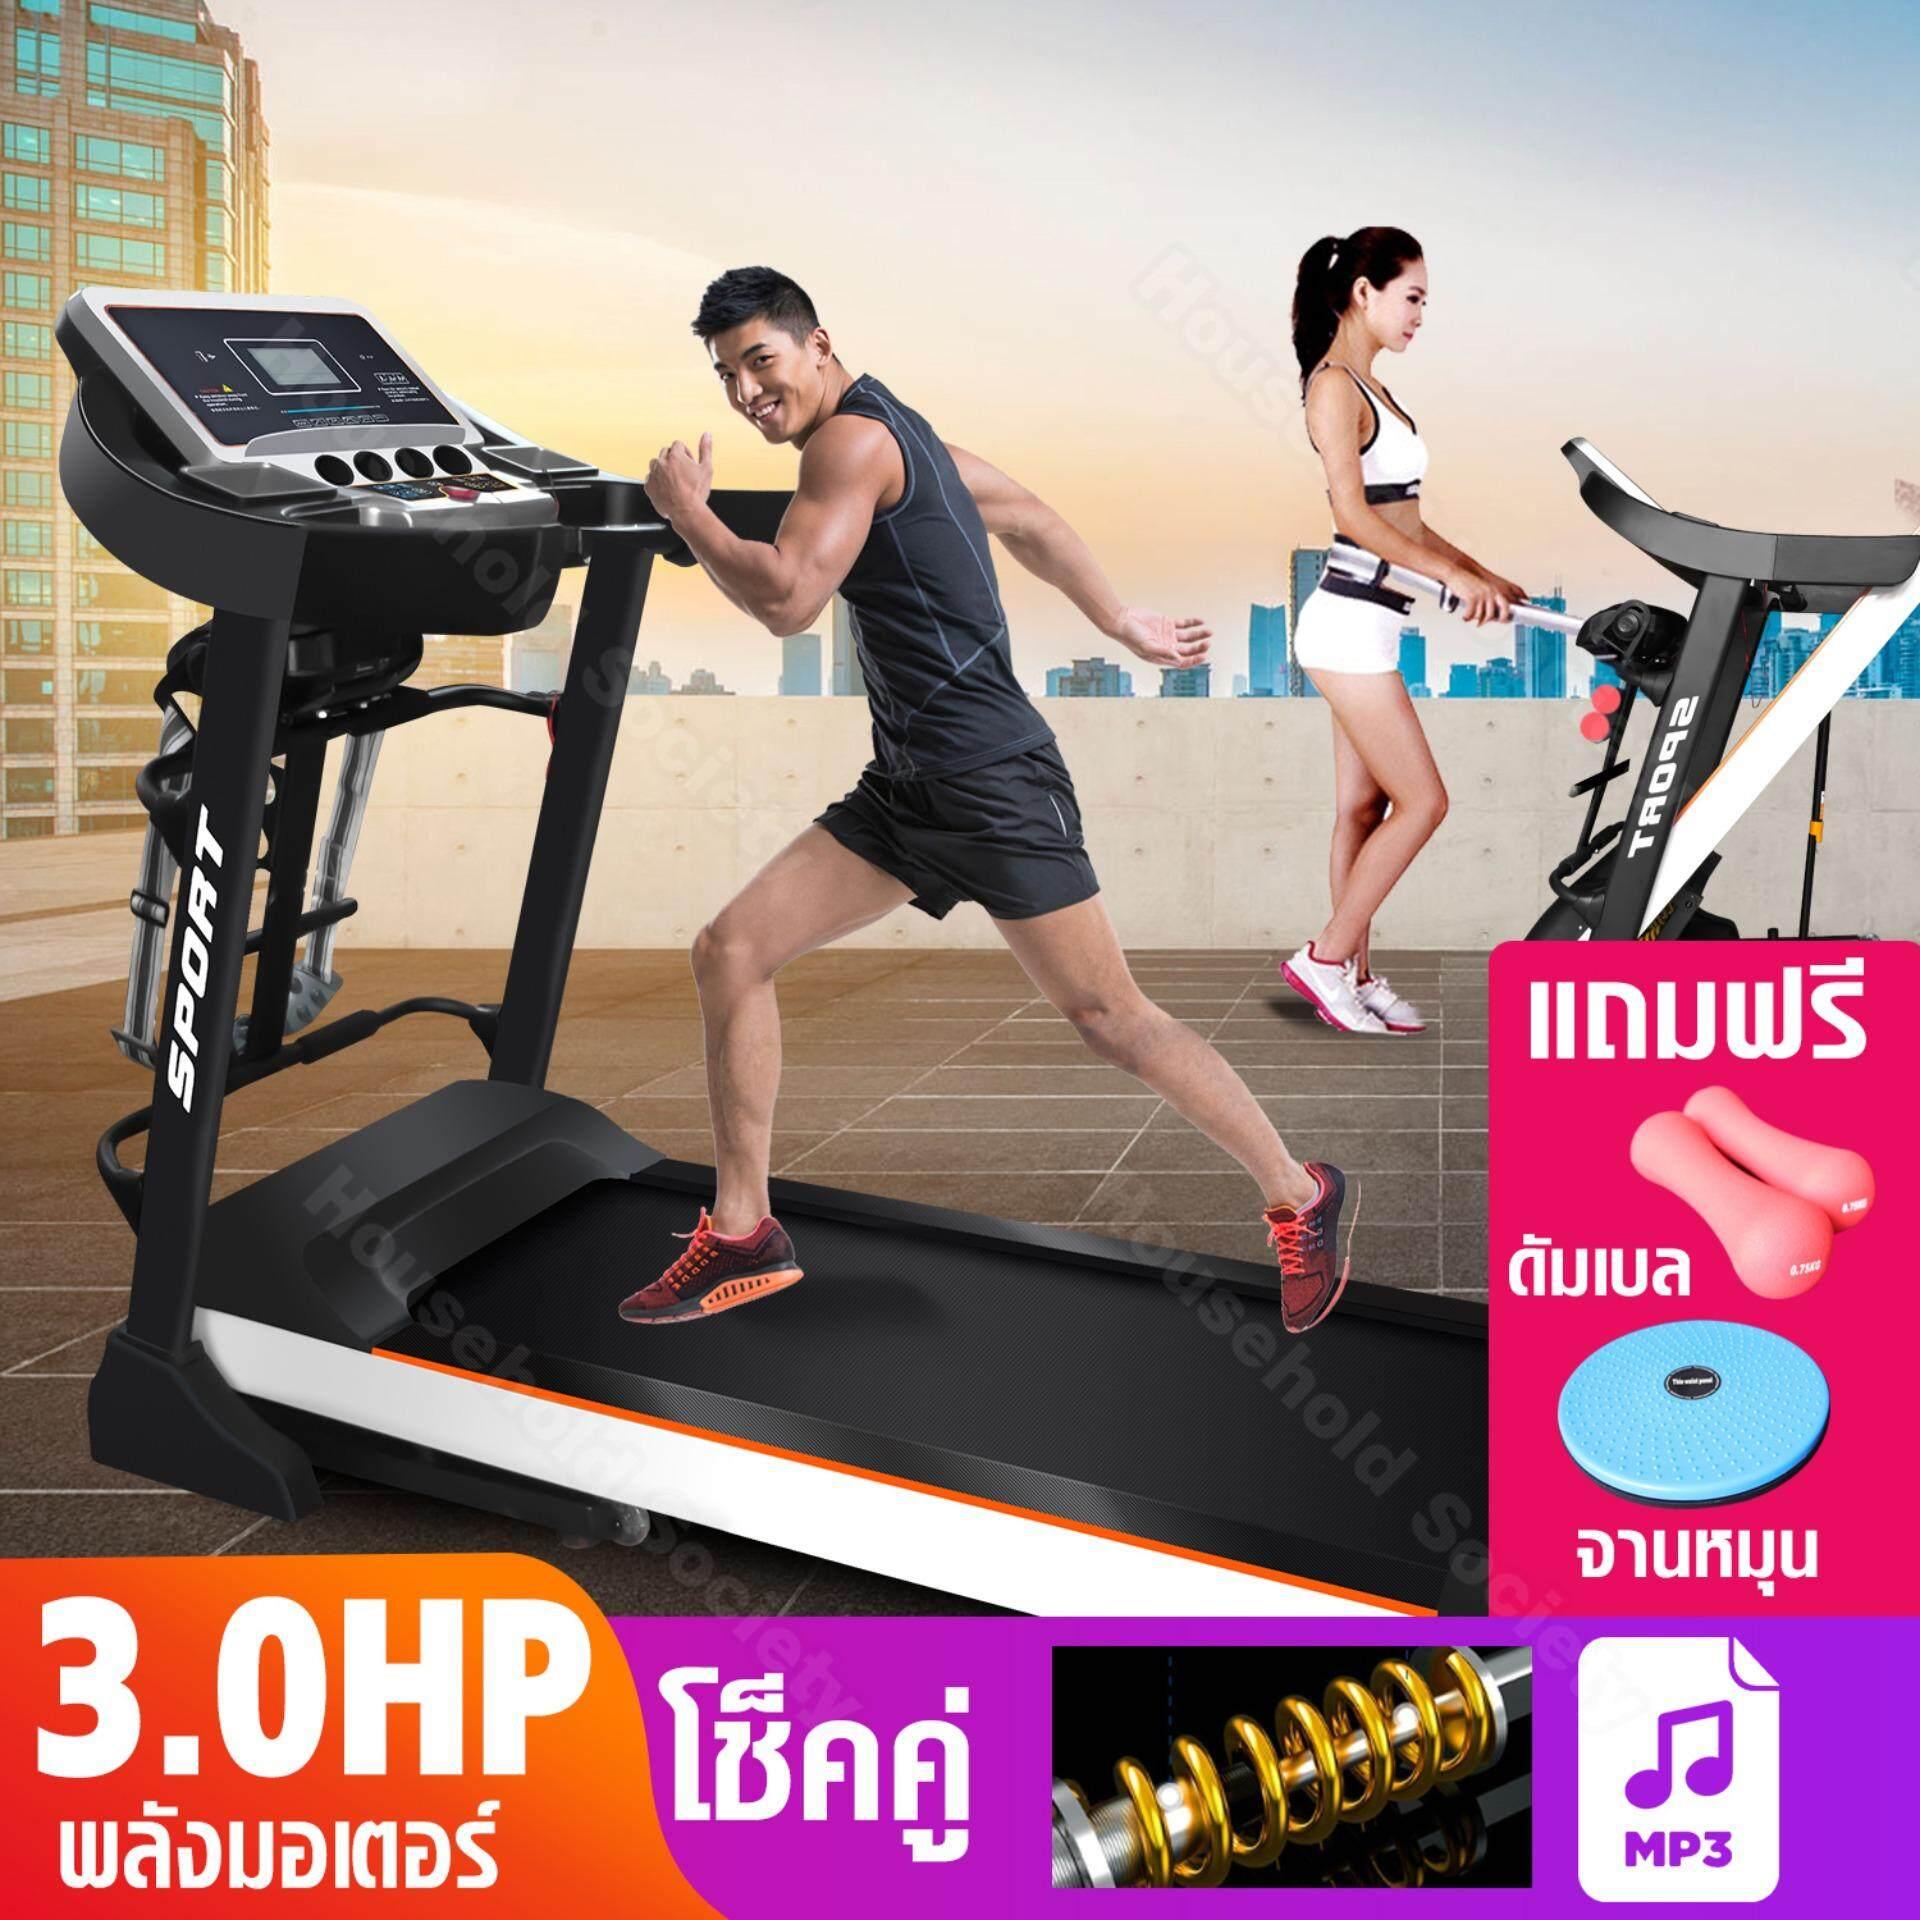 สมาชิก pantip ขอ โหวต HHsociety ลู่วิ่งไฟฟ้า ลู่วิ่ง 5 ฟังก์ชั่น มอเตอร์ 3.0 แรงม้า เครื่องออกกำลังกาย ที่ออกกำลังกาย อุปกรณ์กีฬา ออกกำลังกาย อุปกรณ์ออกกำลังกาย Treadmill fitness รุ่น S900